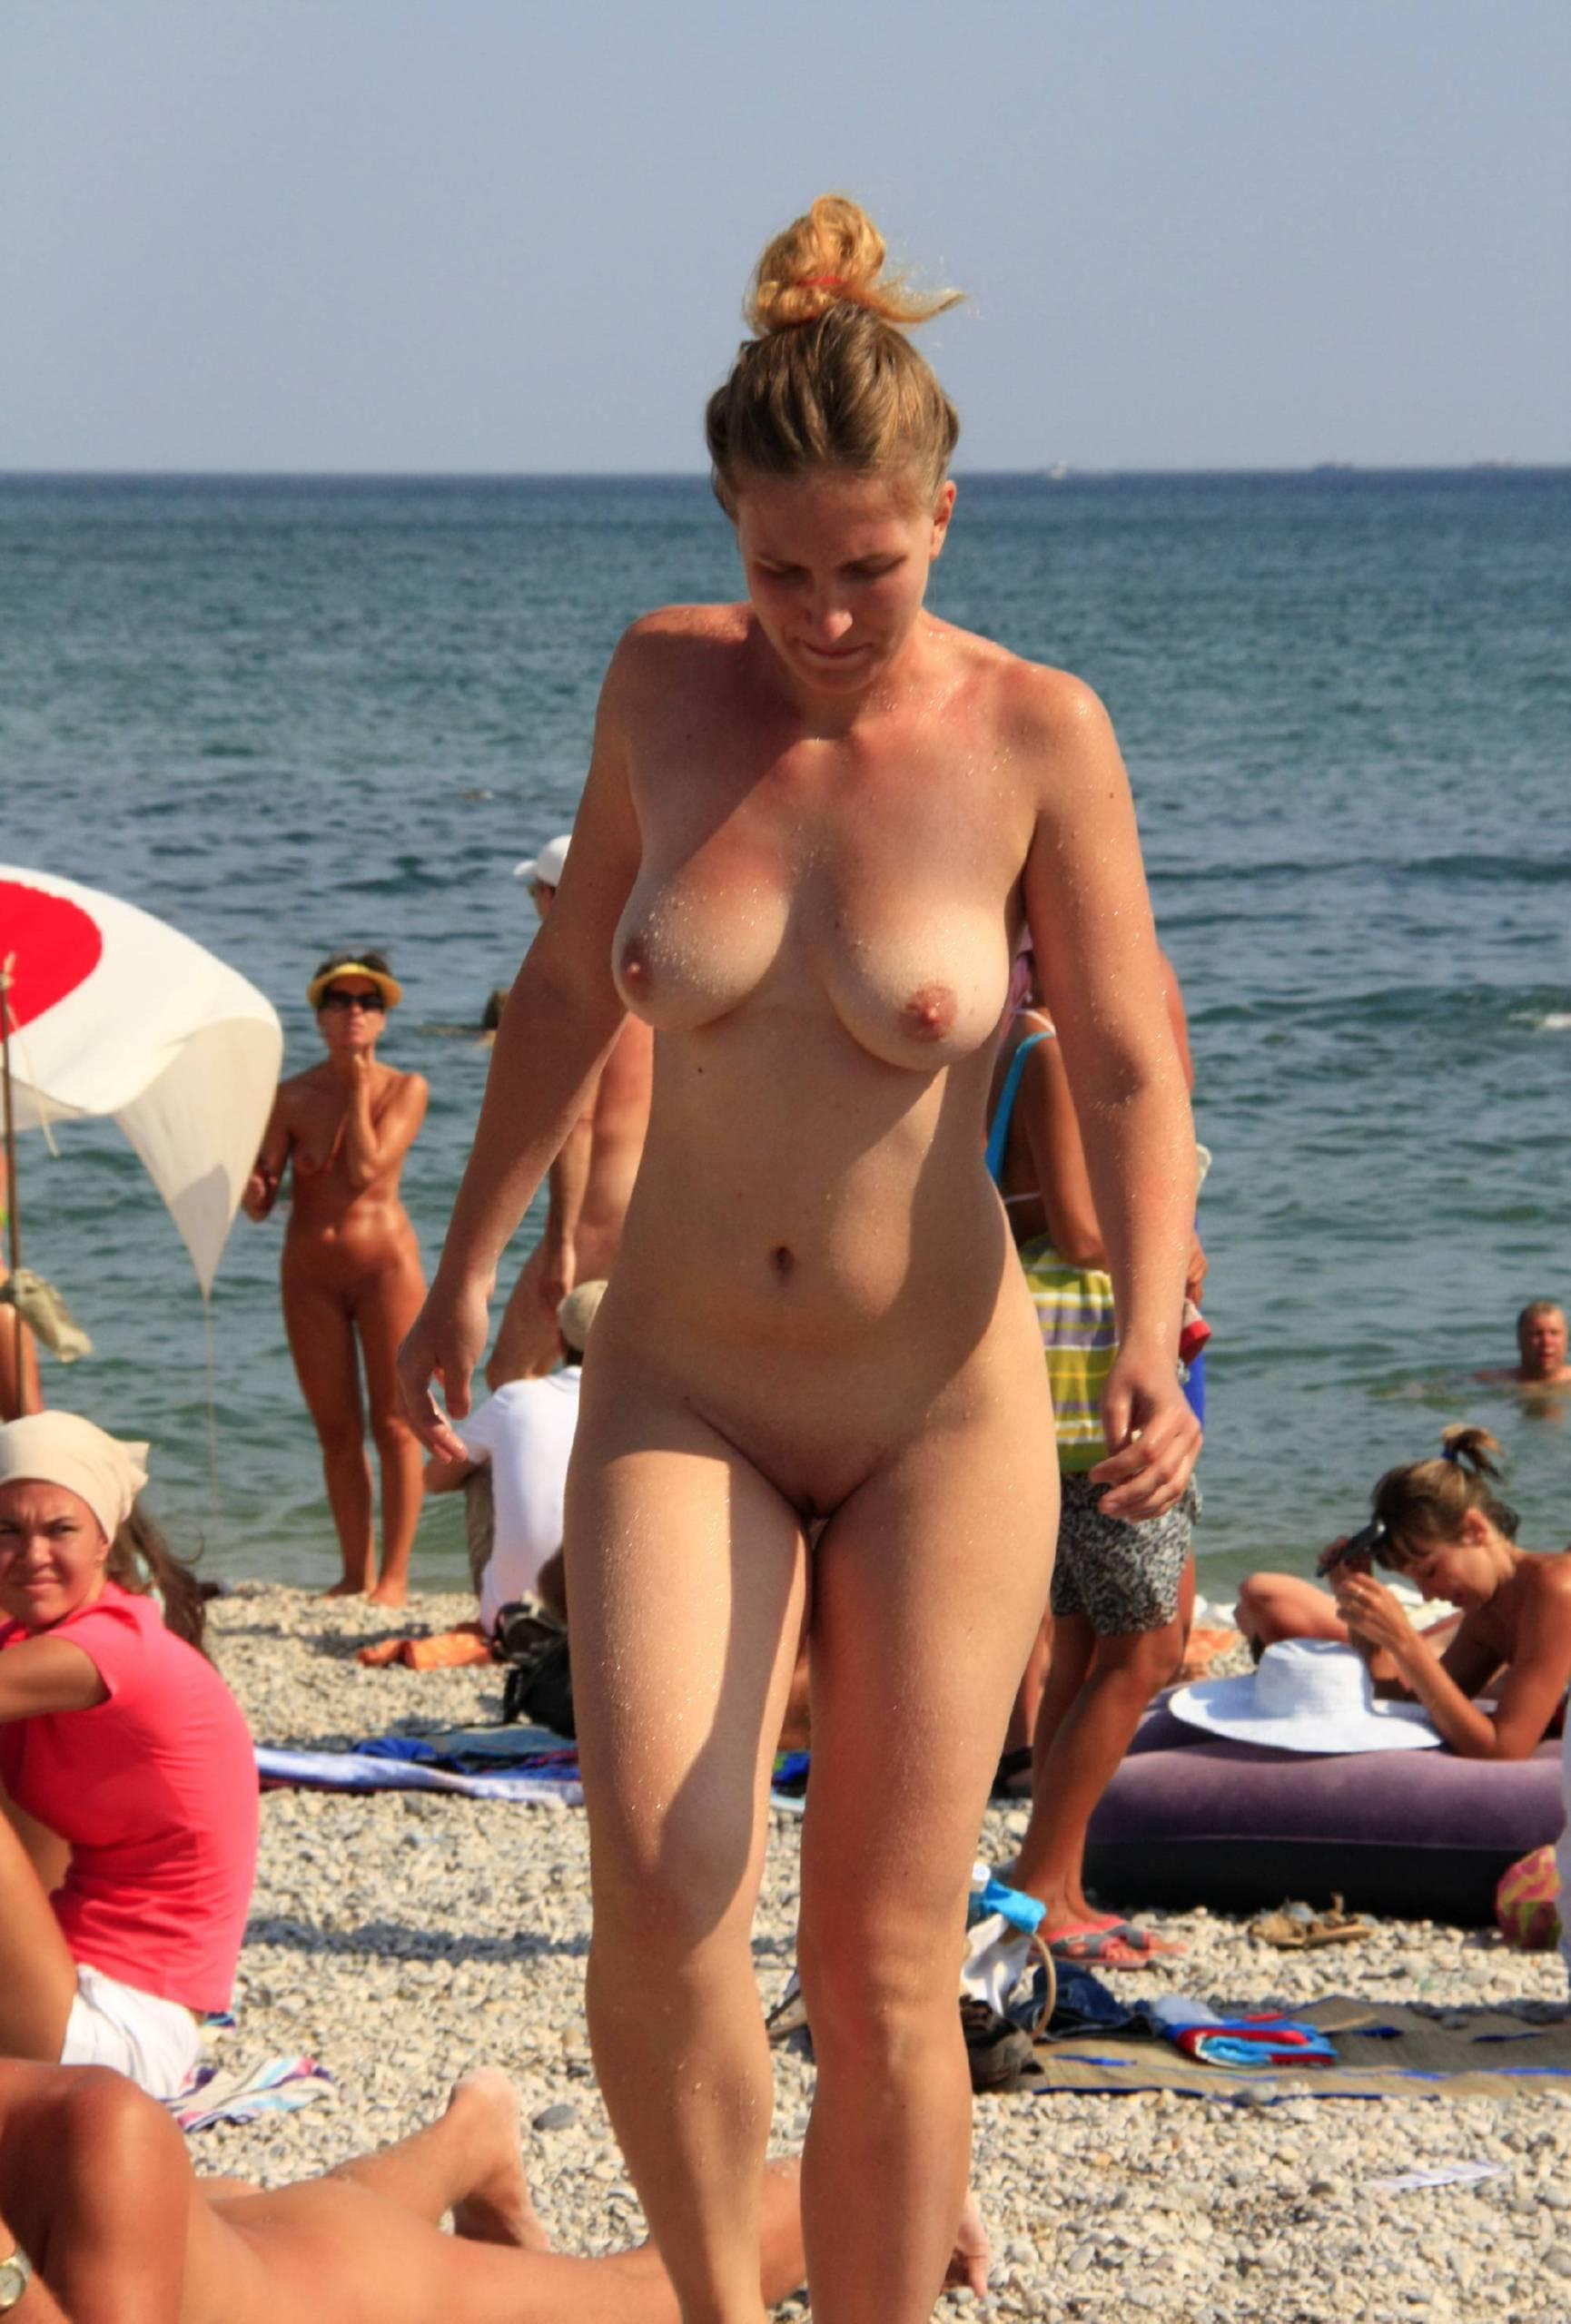 Nudist Photos Sand Beach Get Up and Go - 2